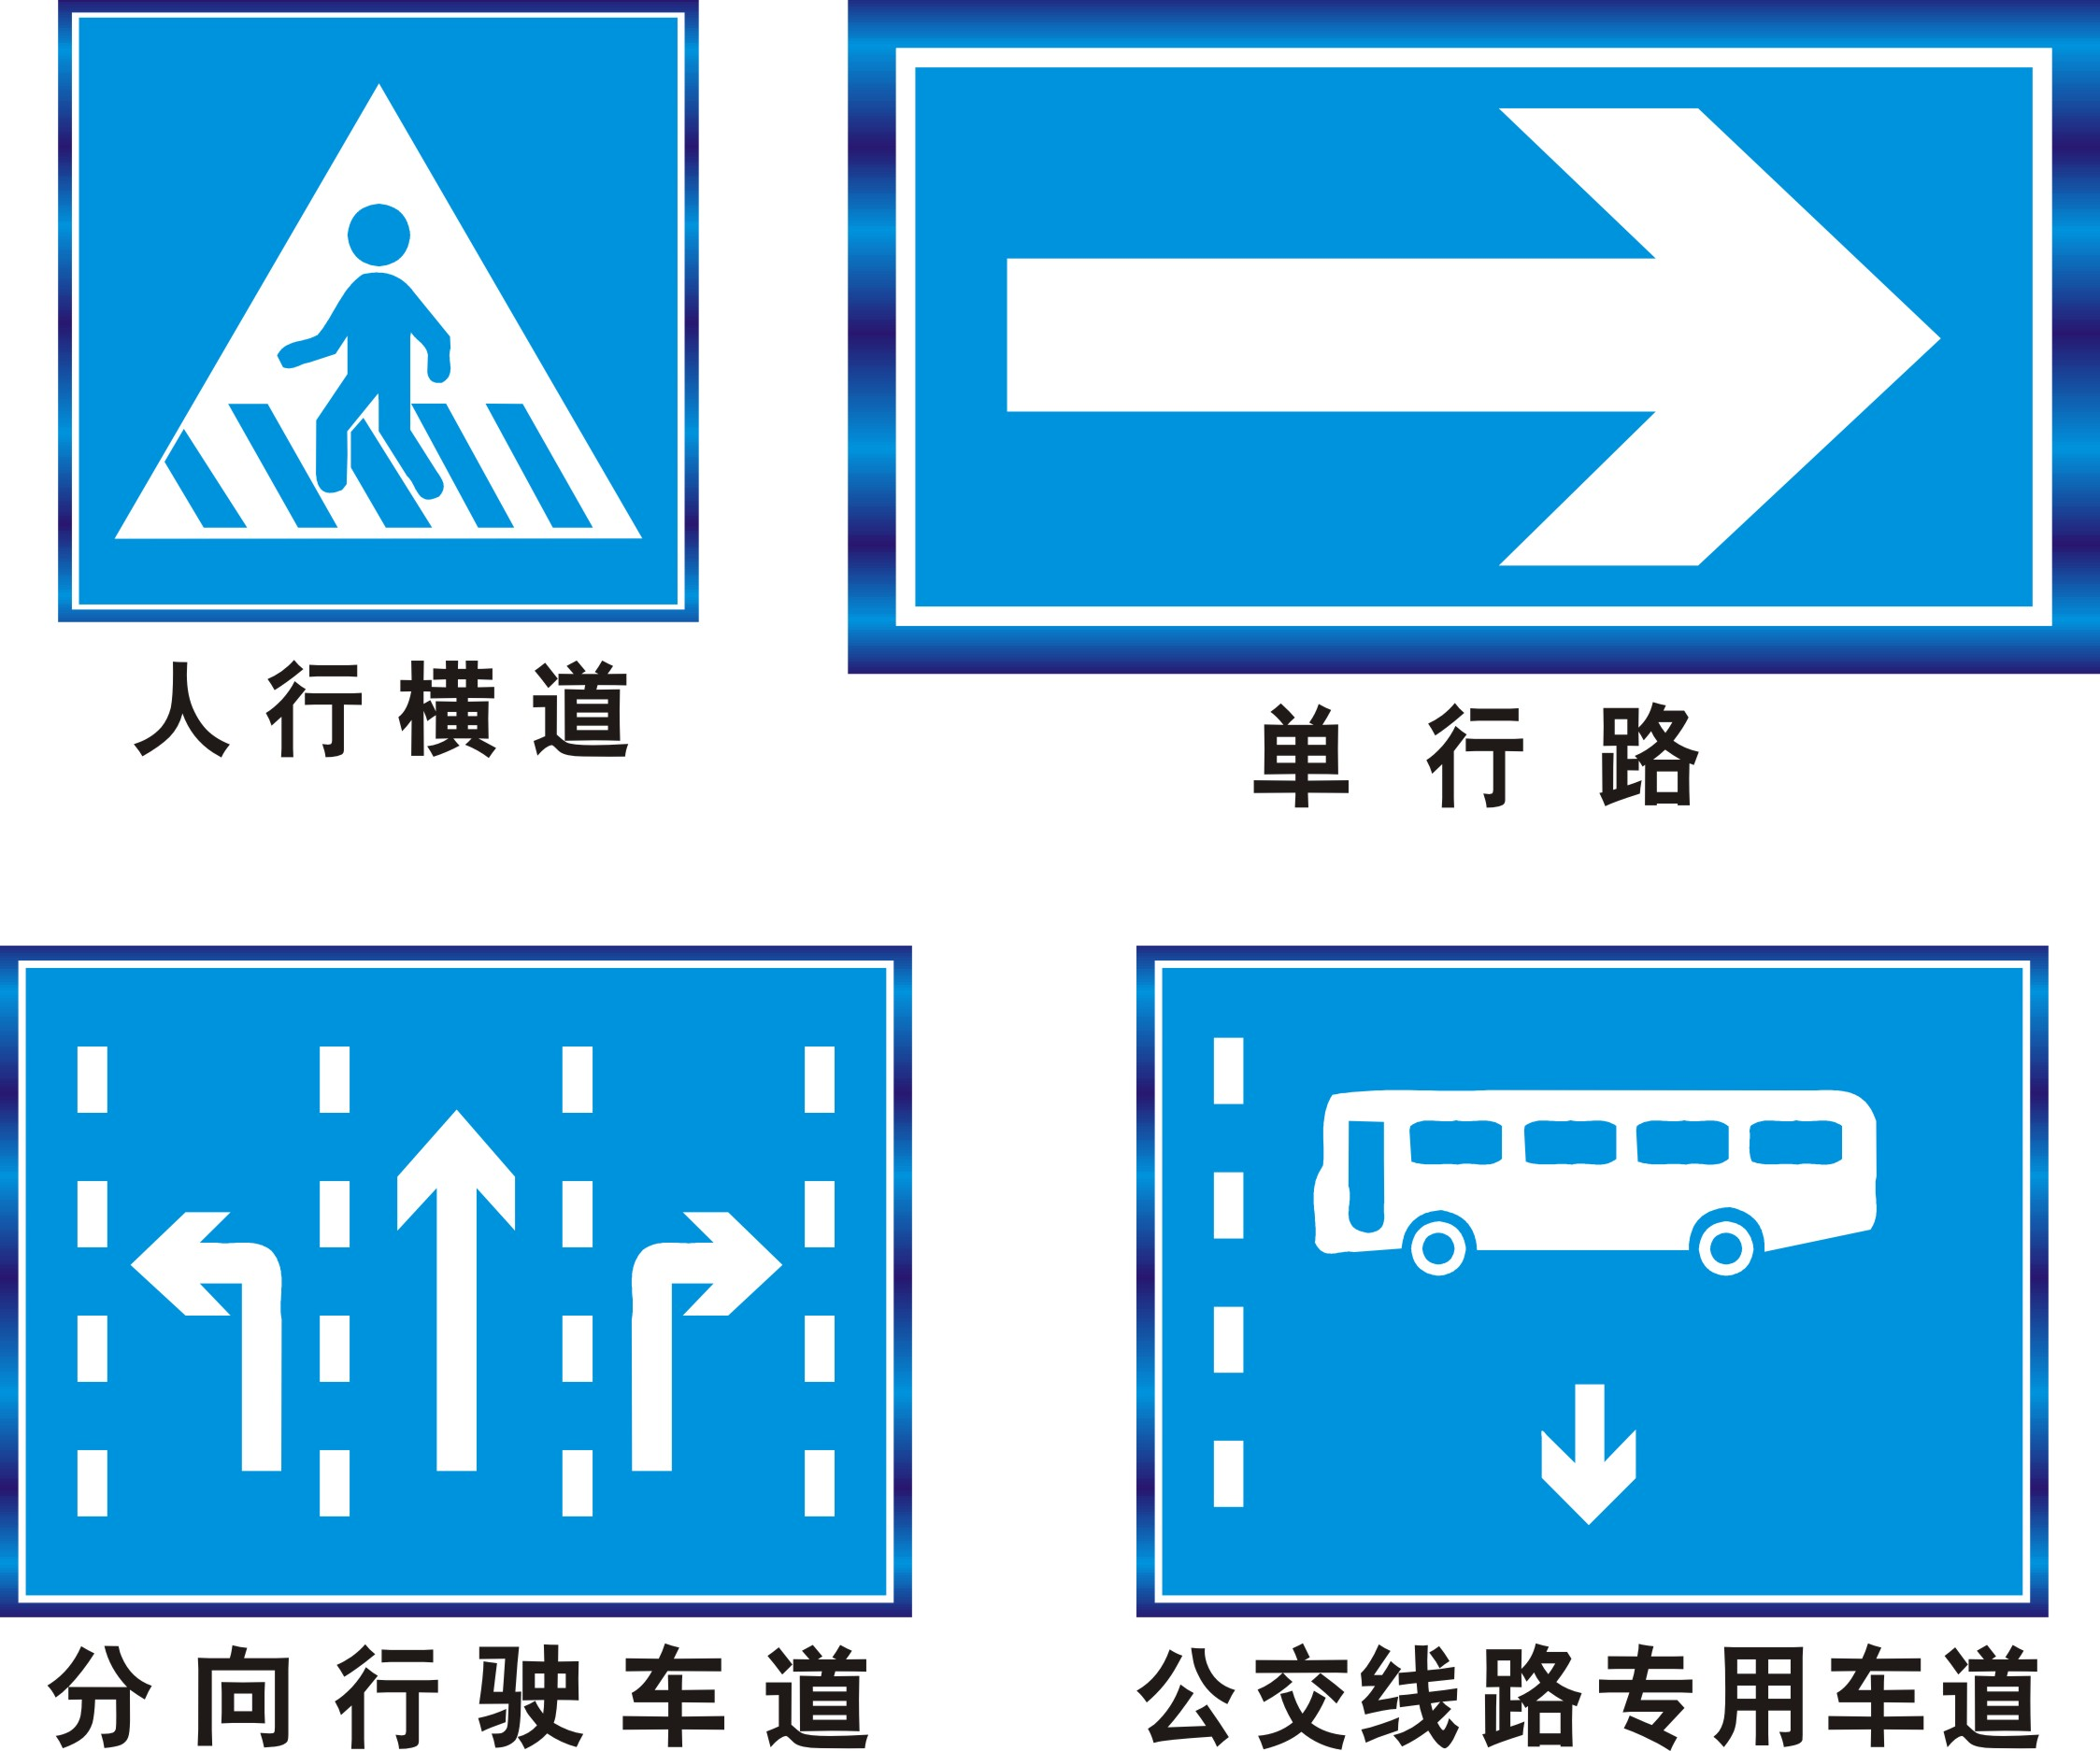 交通指示牌